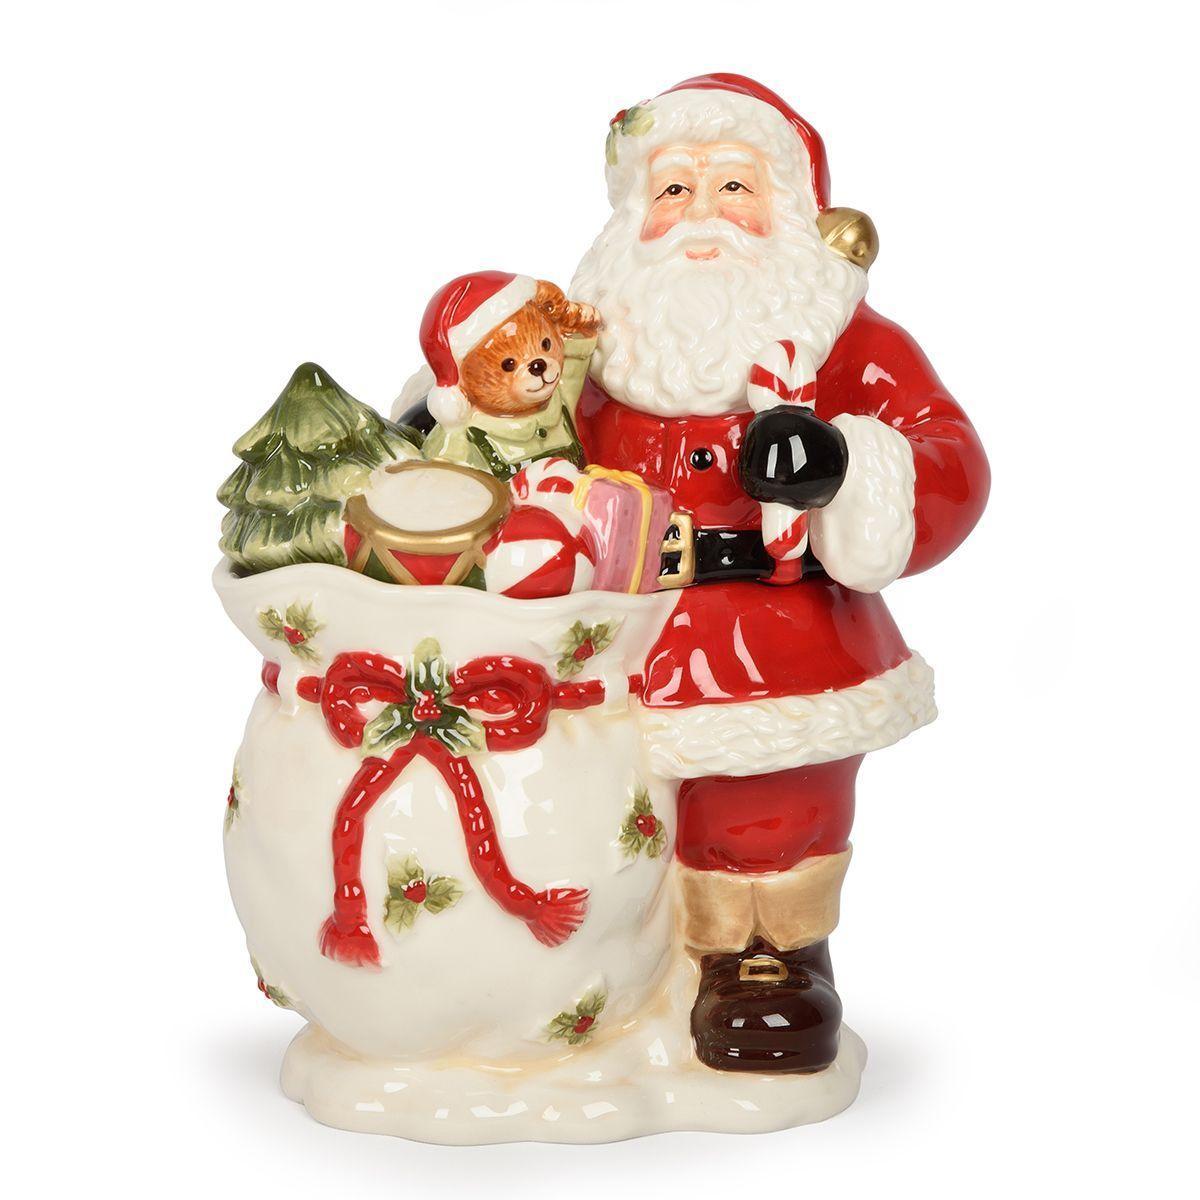 Новогодняя шкатулка в виде Деда Мороза с мешком подарков